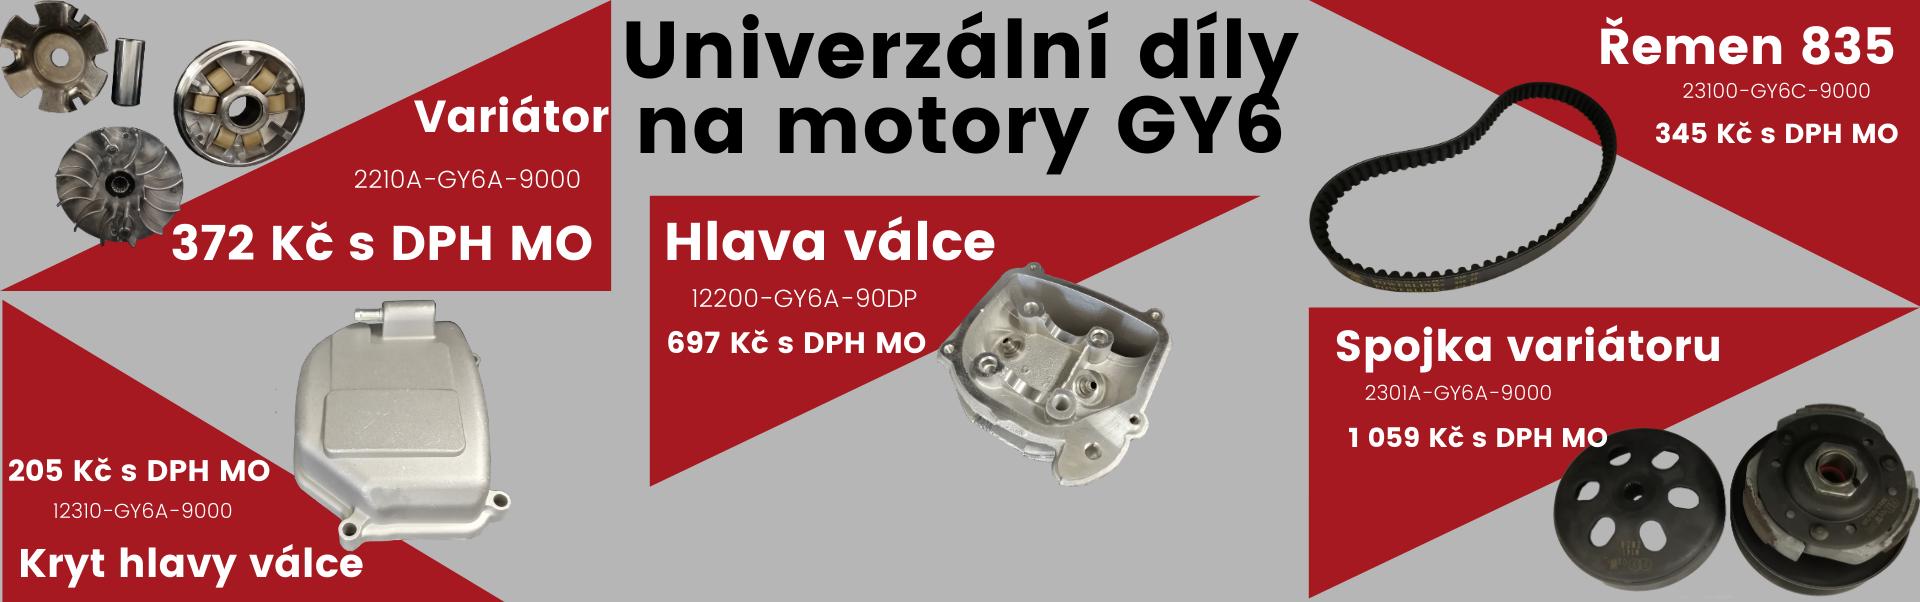 Univerzální díly GY6